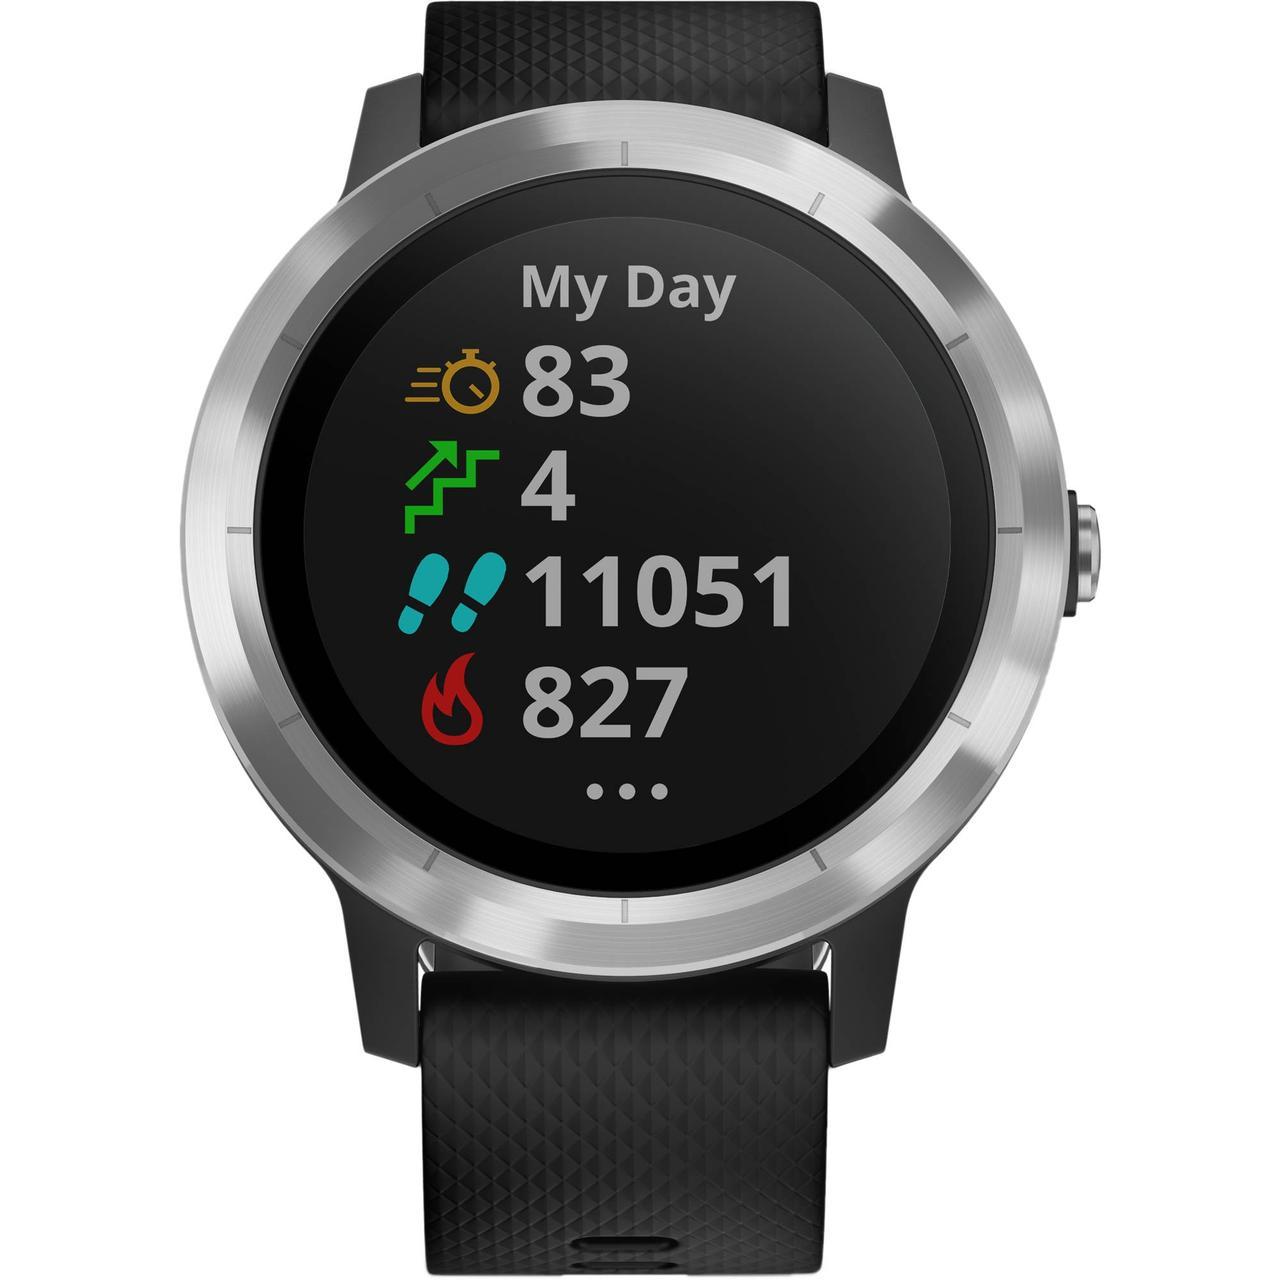 Смарт-часы Garmin Vivoactive 3 черный/серебряный